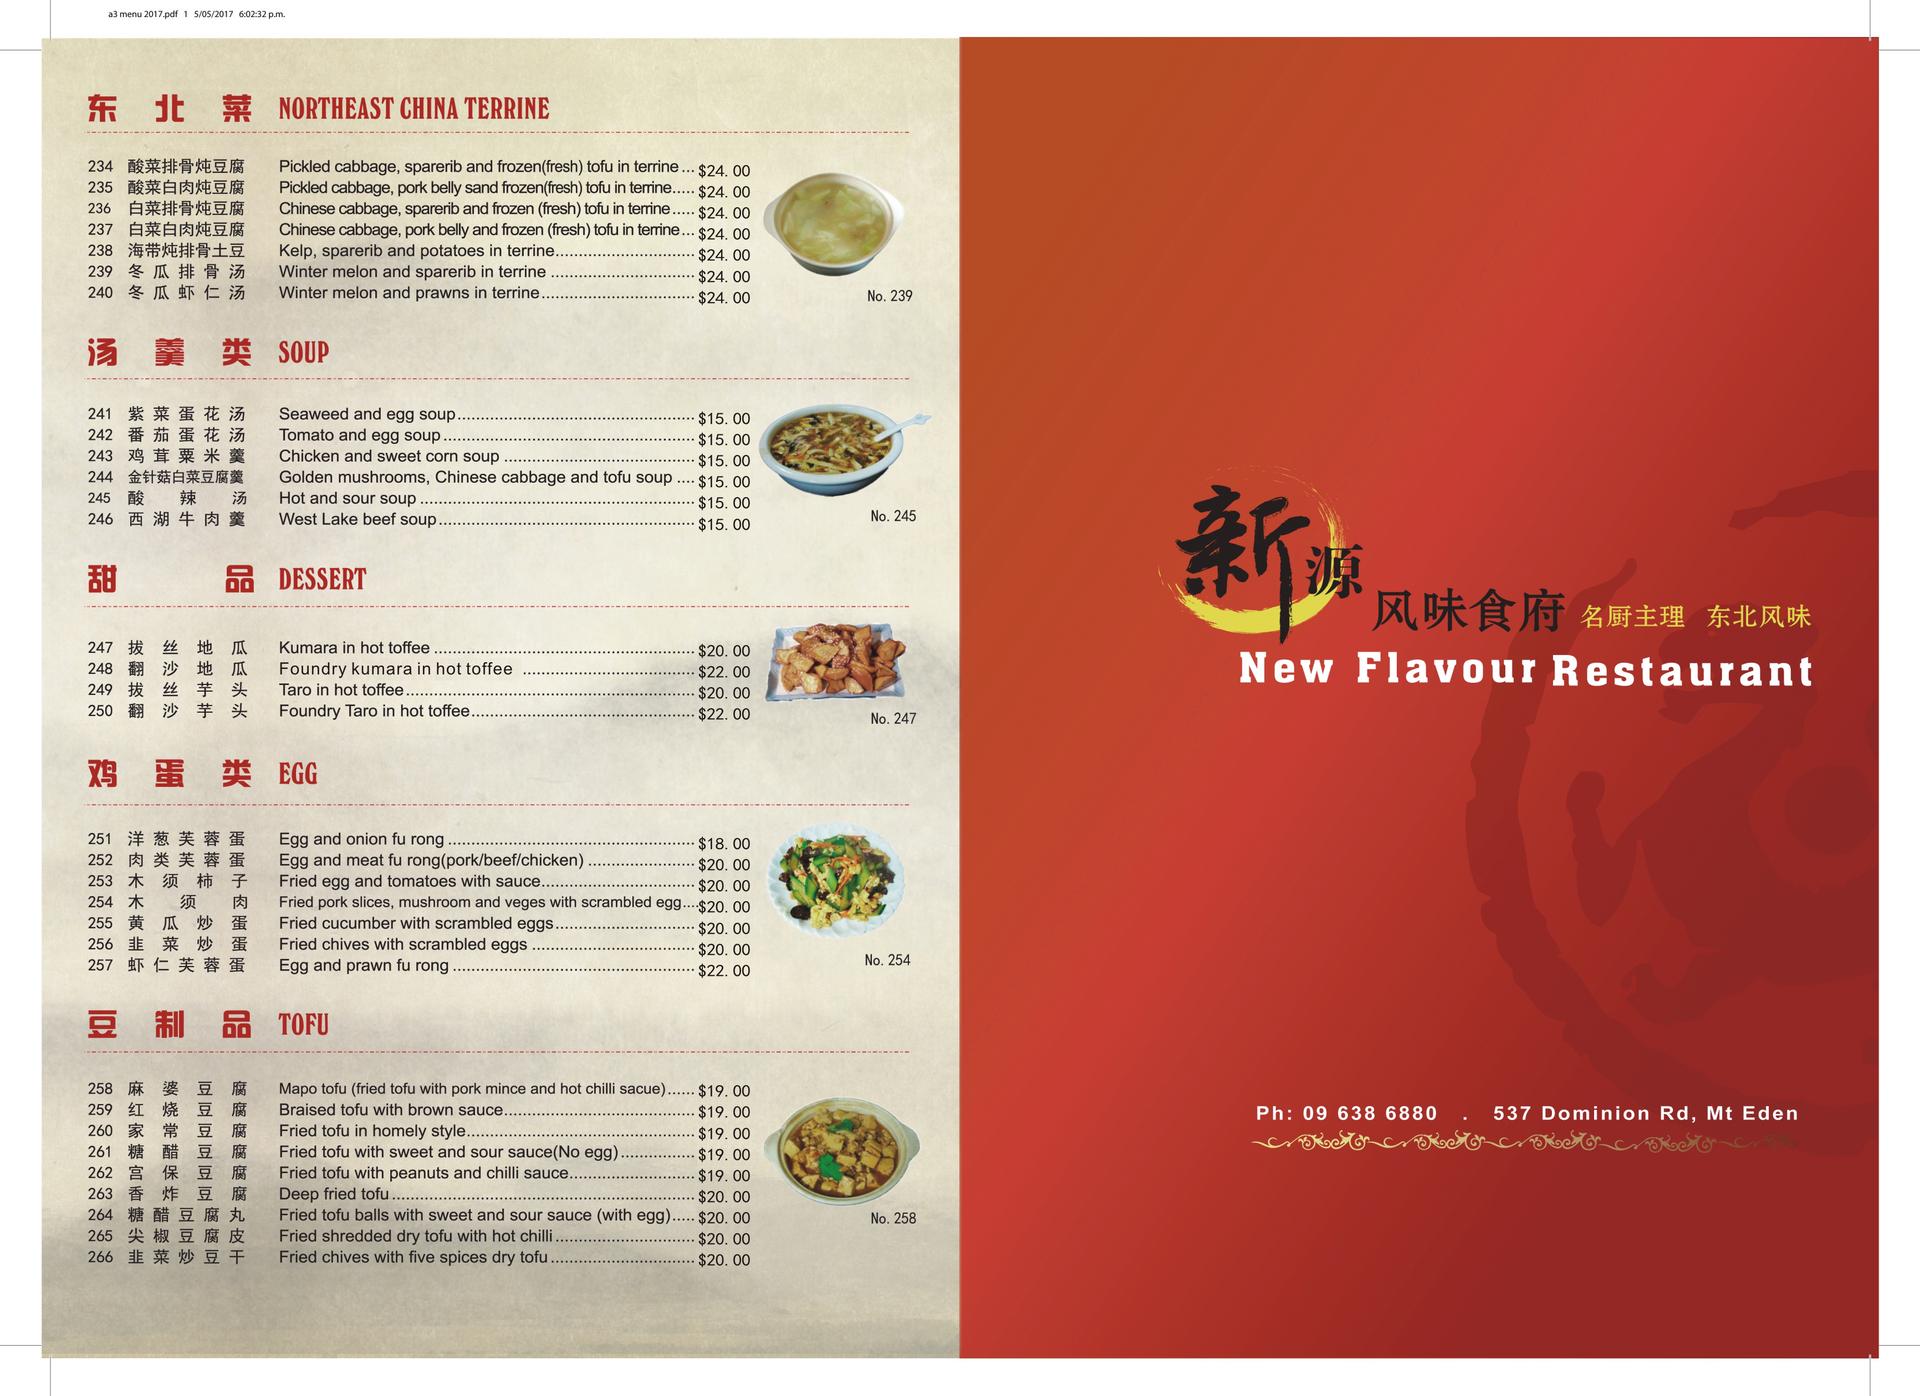 最新菜单图片1.png